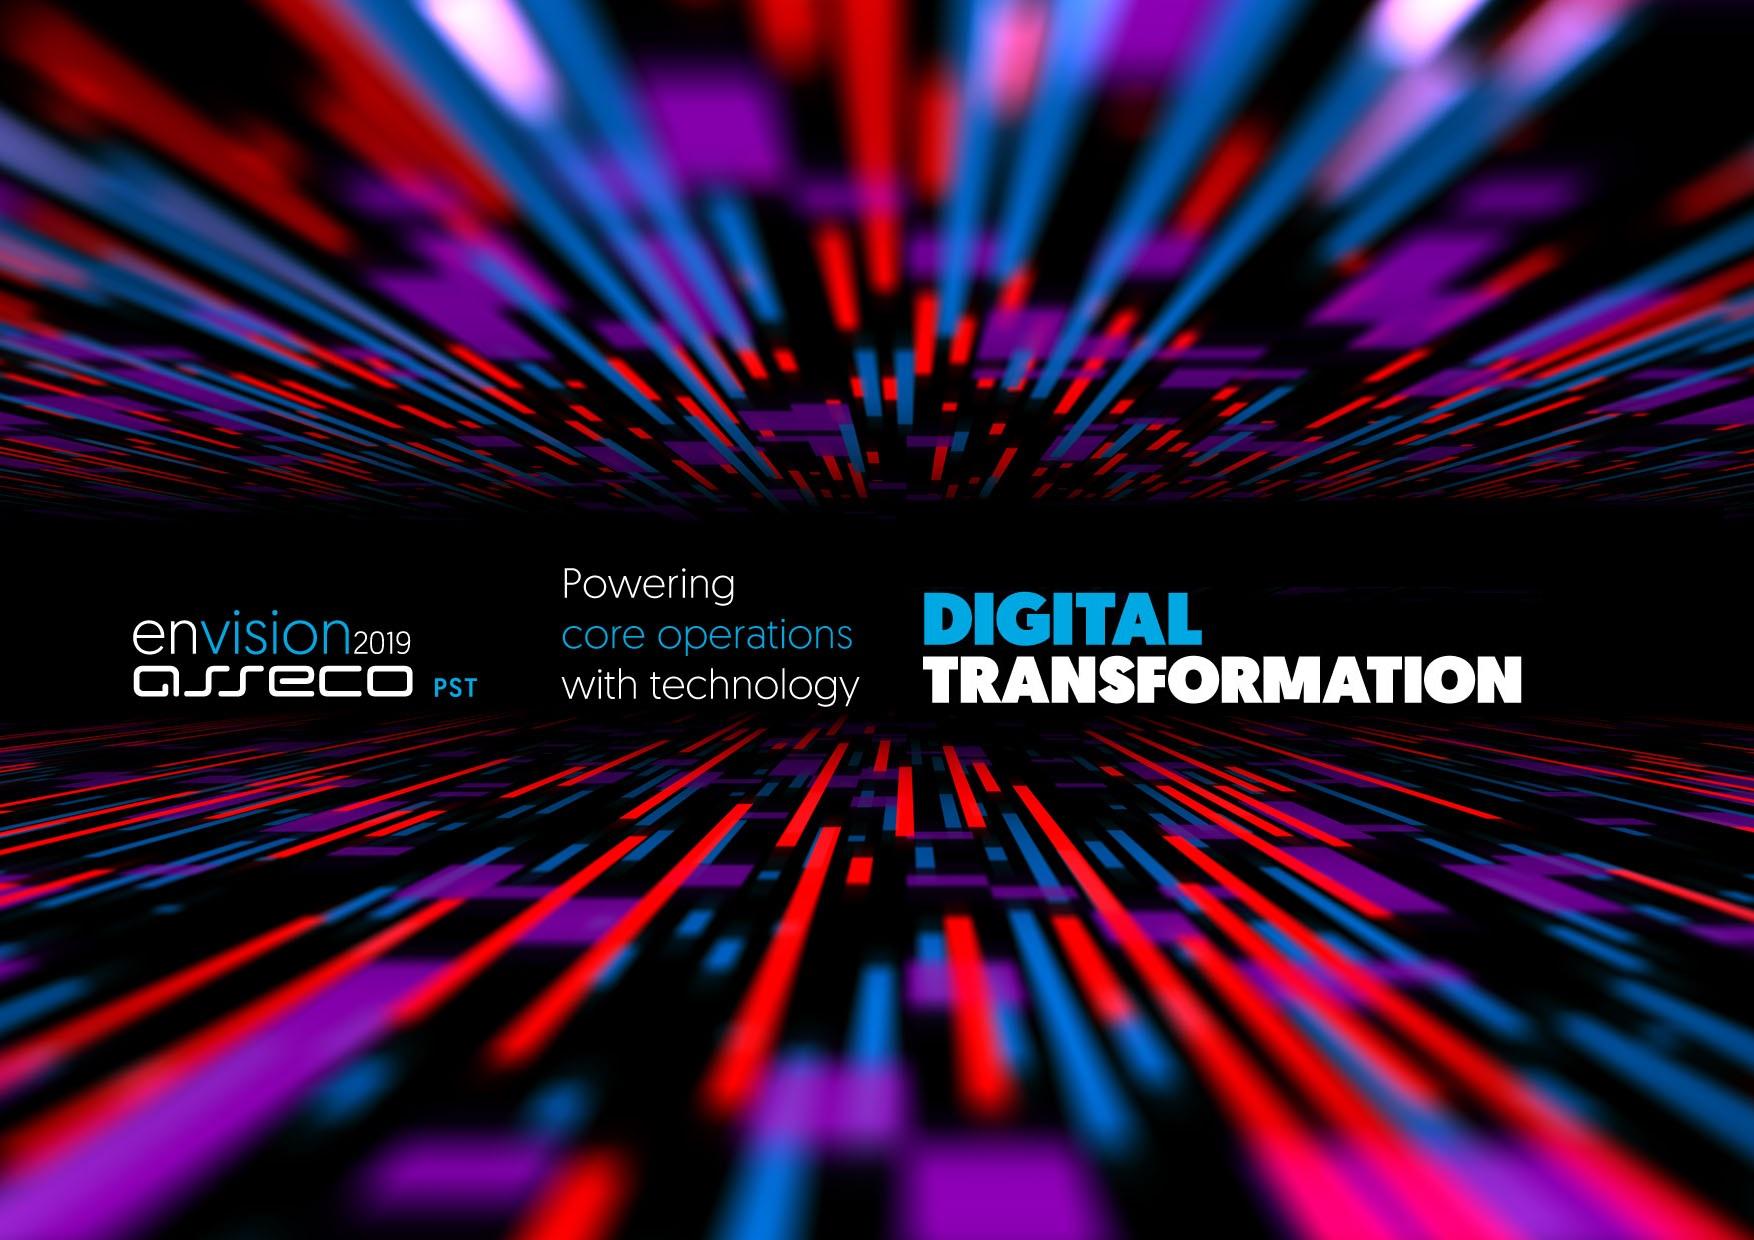 Figura 6. <b>Imagem do evento de transformação digital, realizado em Angola, Moçambique e Cabo Verde em 2019.</b>